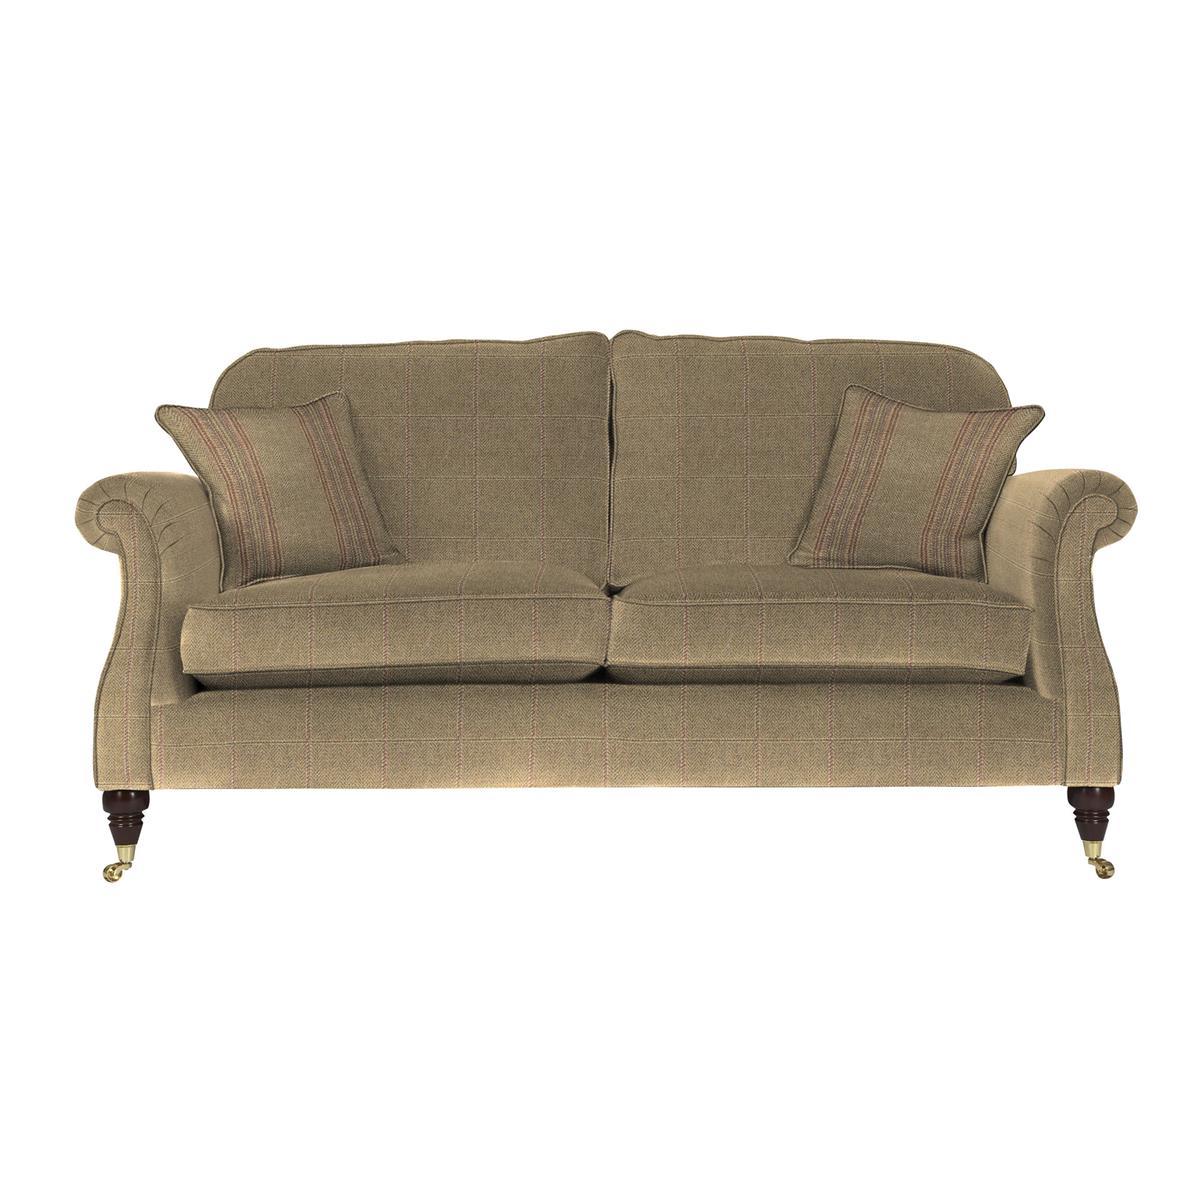 Parker Knoll - Westbury Grand Sofa